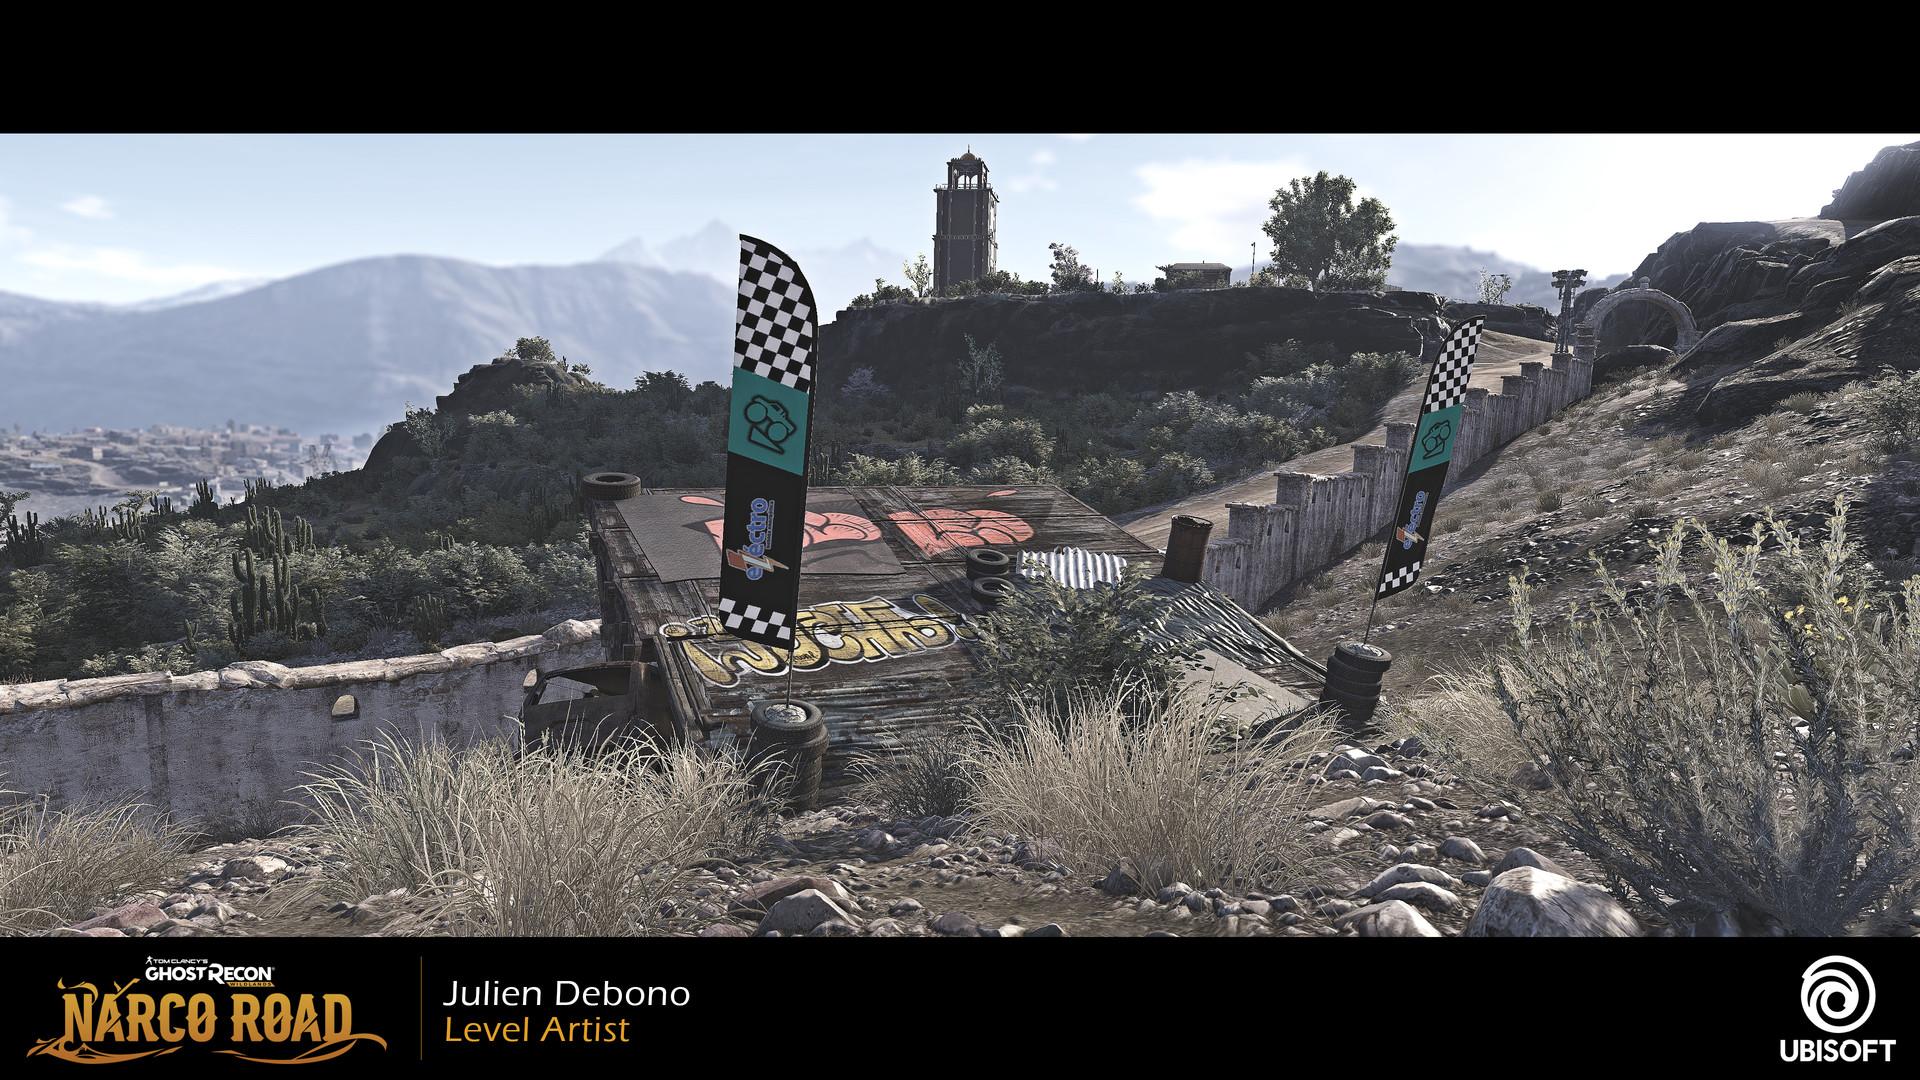 Julien debono jump08 day